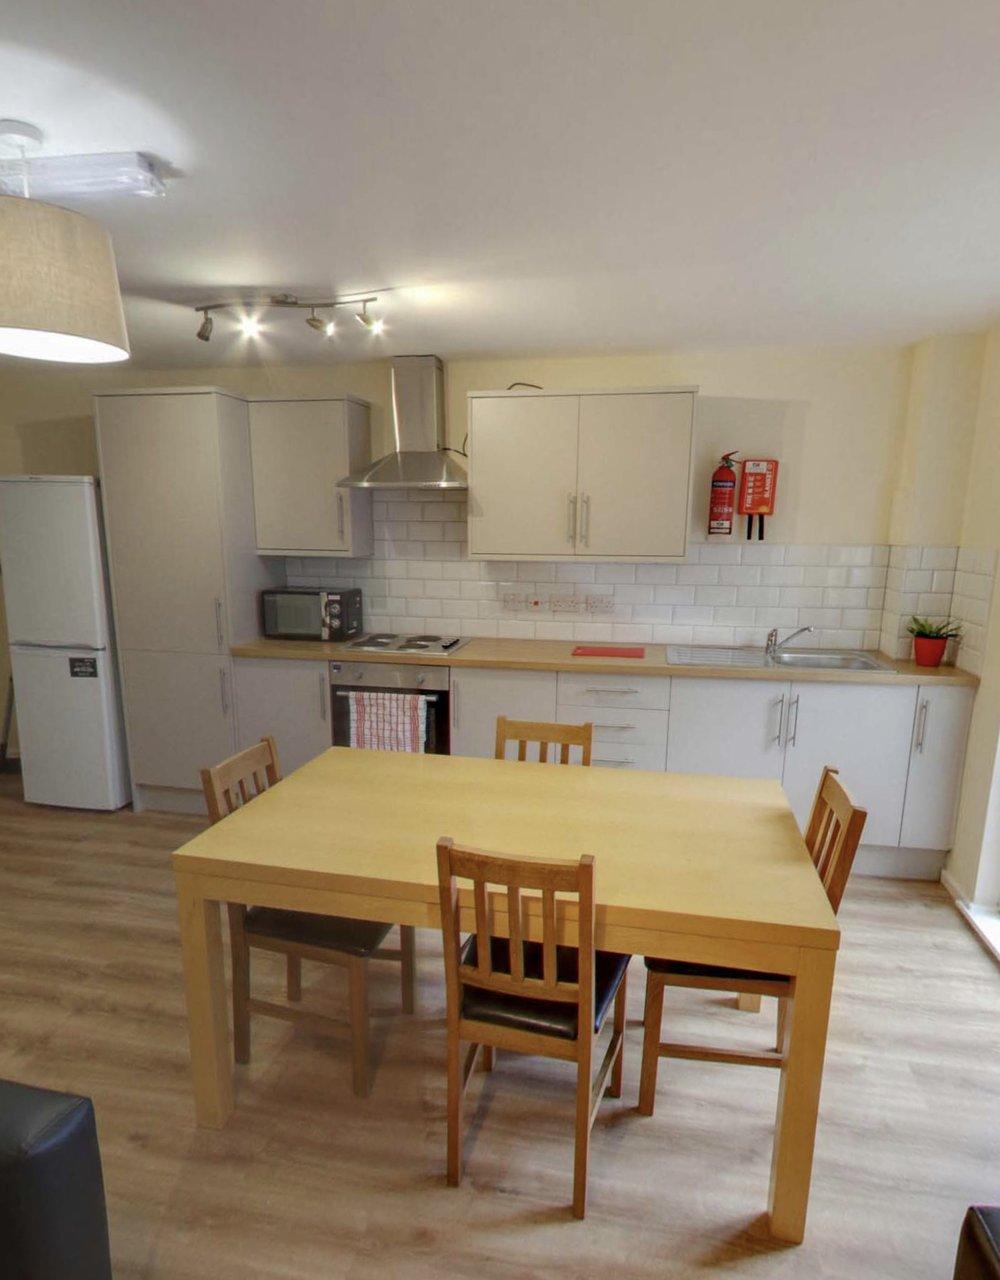 2 Corke kitchen.jpg